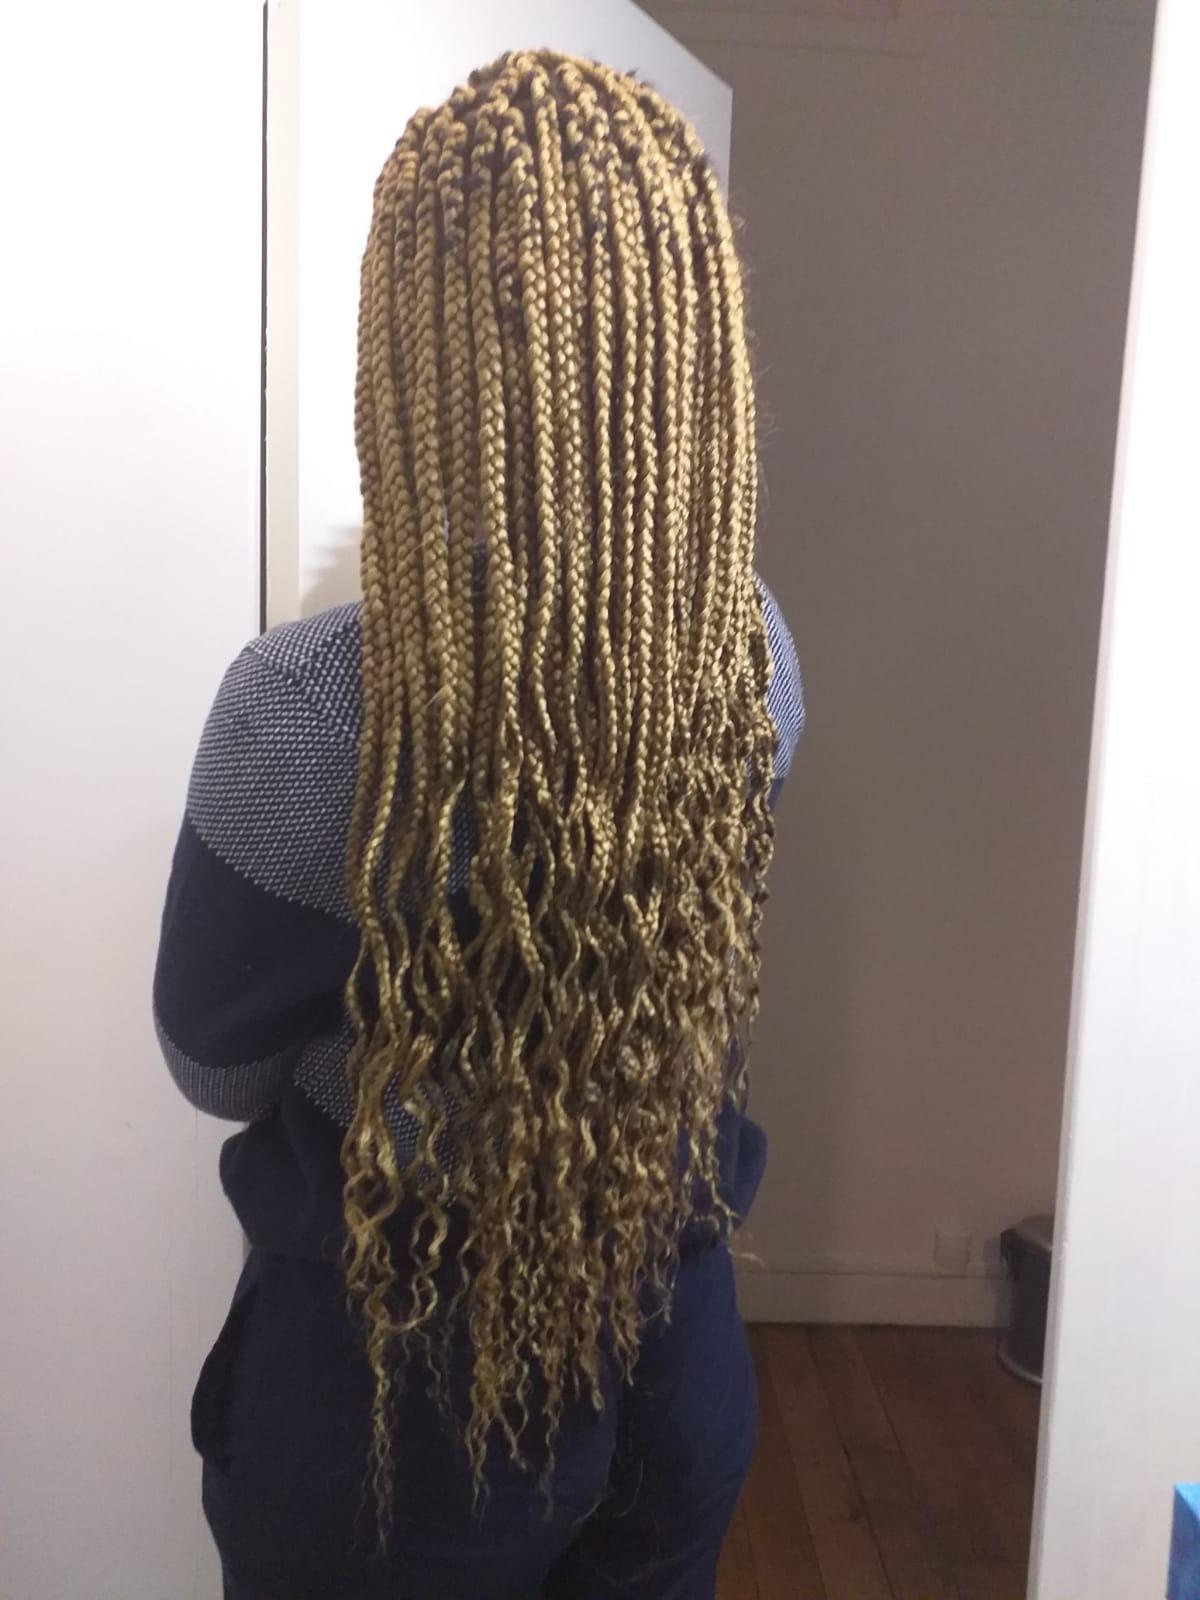 salon de coiffure afro tresse tresses box braids crochet braids vanilles tissages paris 75 77 78 91 92 93 94 95 GSXRYKED